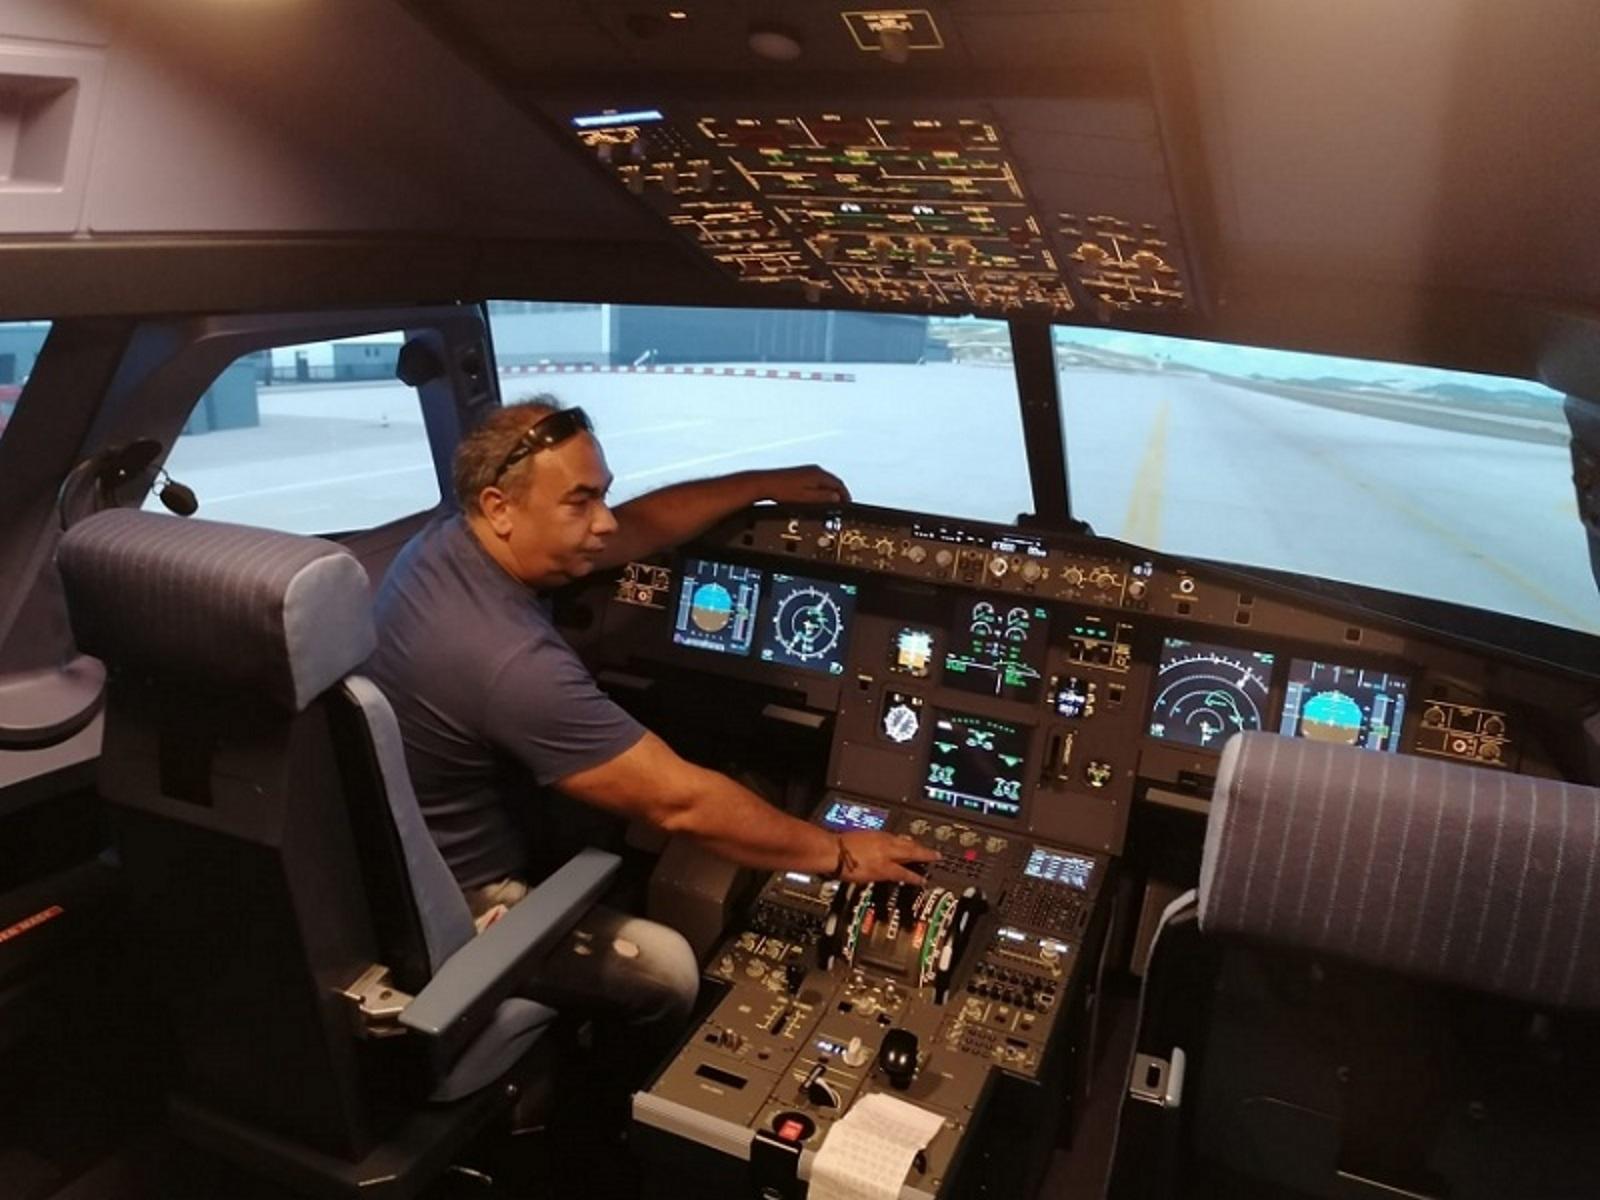 Βάσεις 2020: Αυτός είναι ο 48χρονος πιλότος πέρασε δεύτερος στο Μαθηματικό Καστοριάς